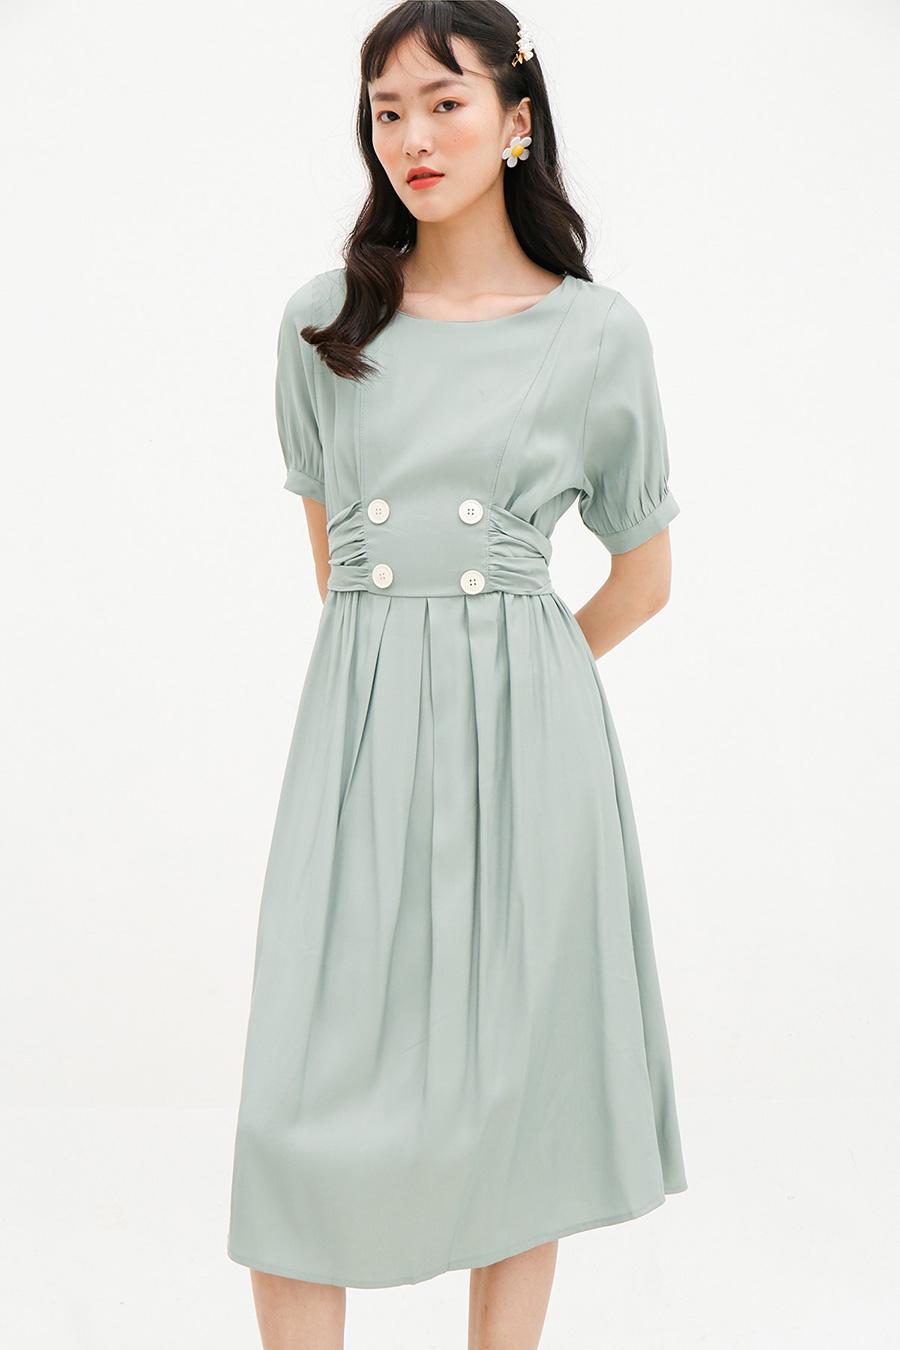 HARMONIE DRESS - SAGE